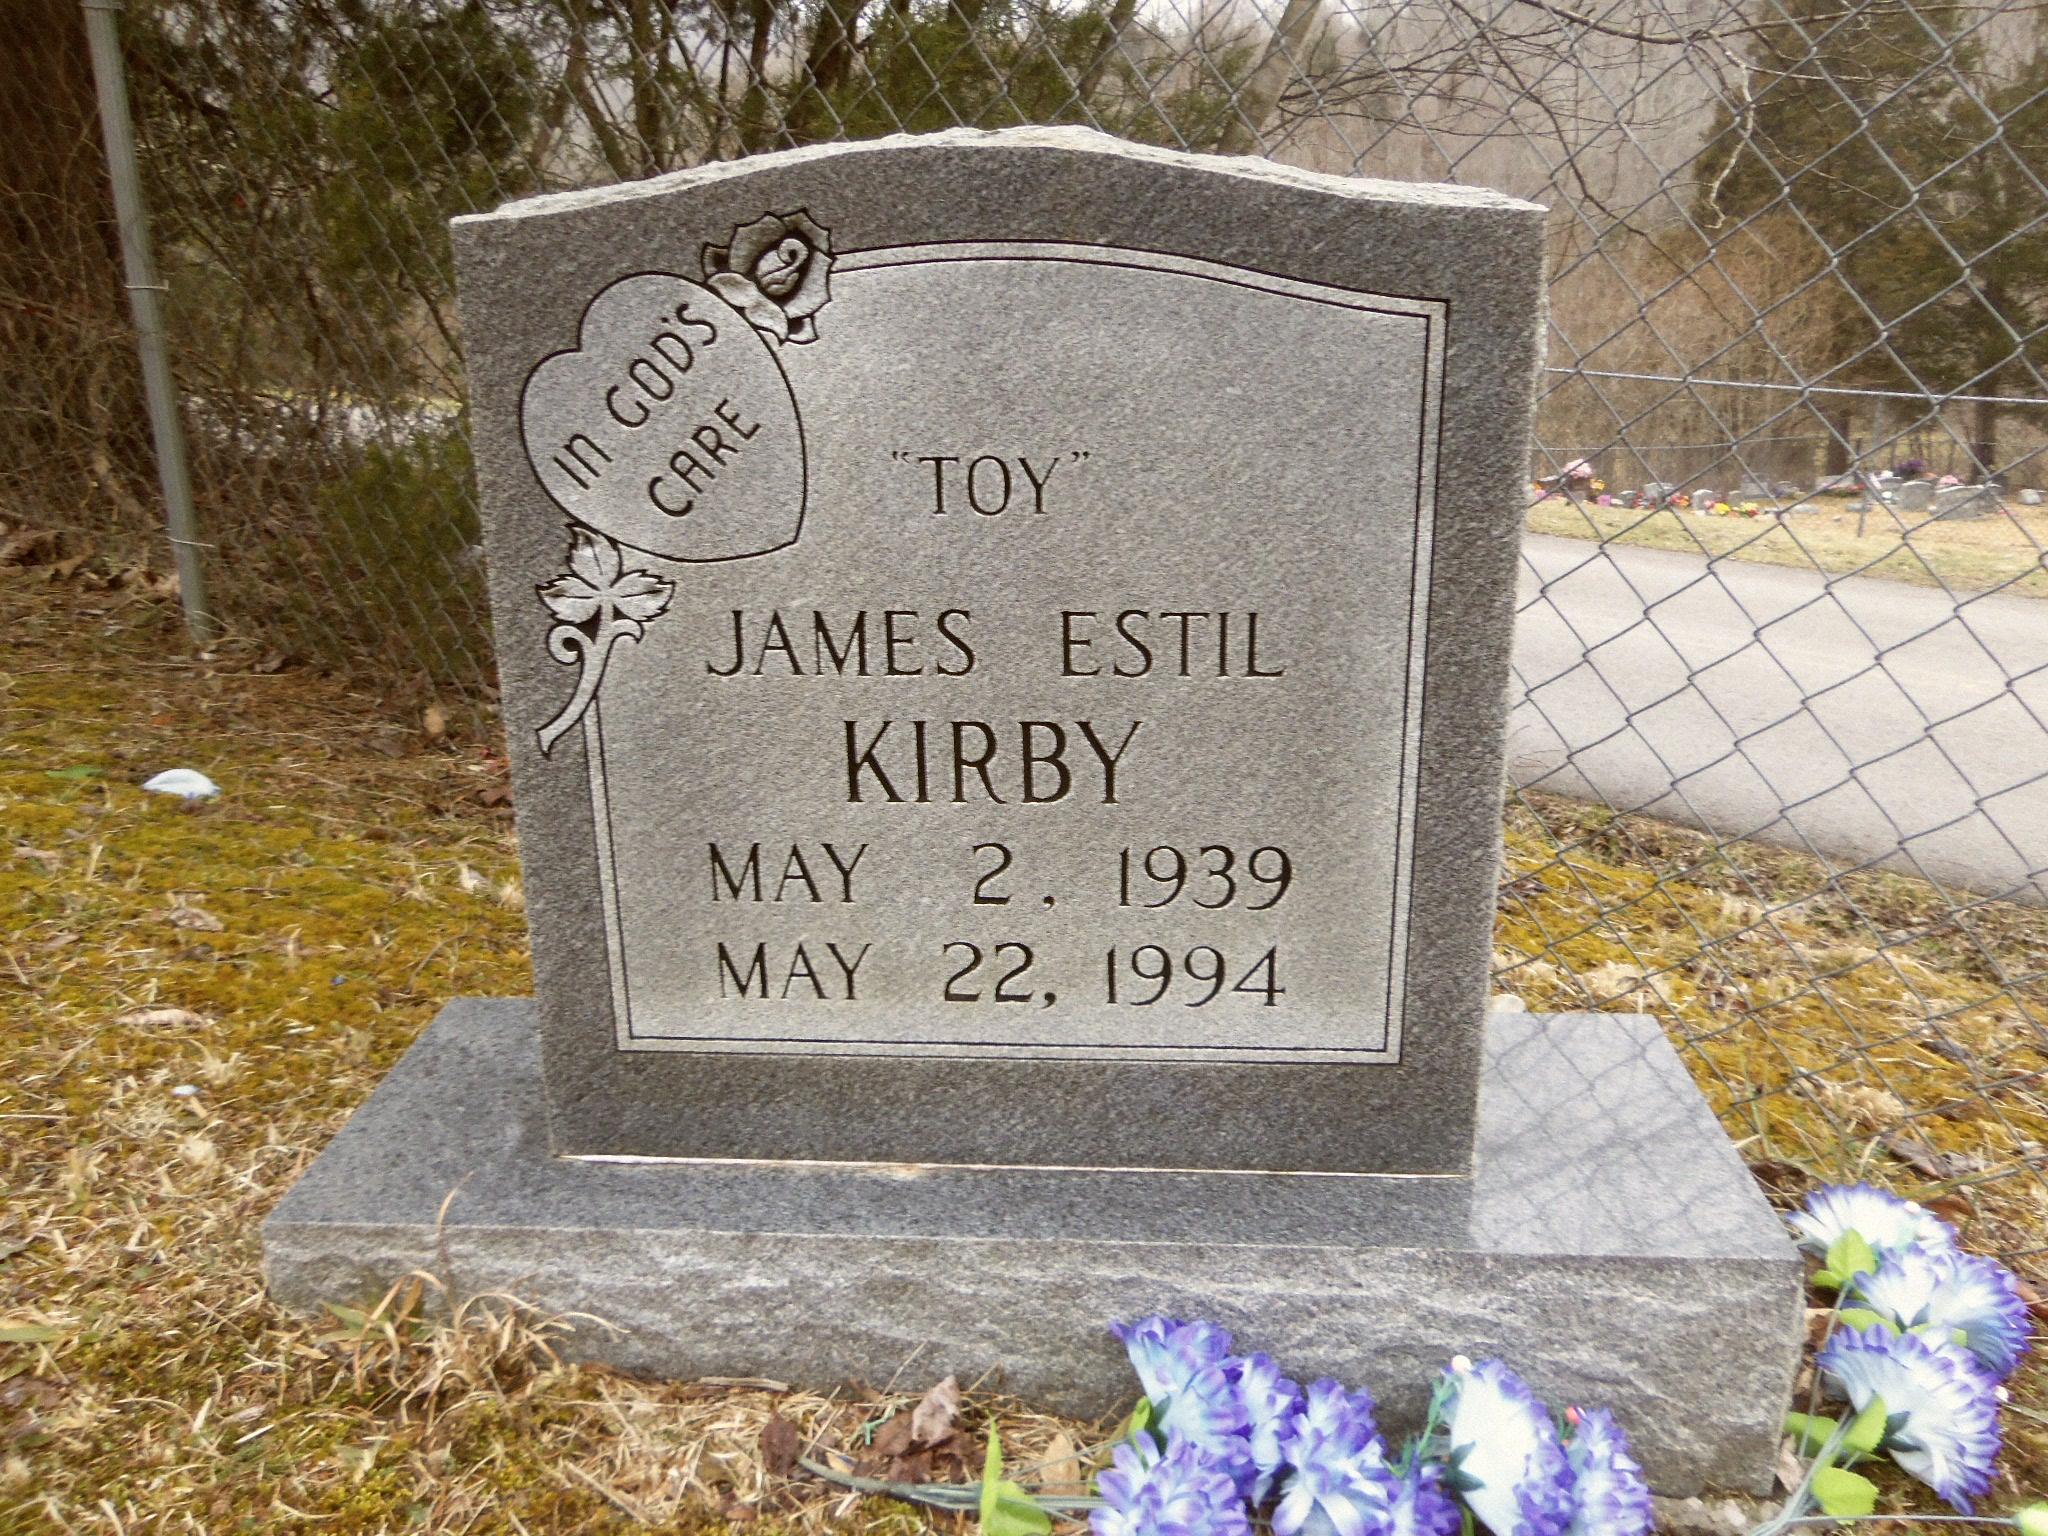 James Estil Toy Kirby